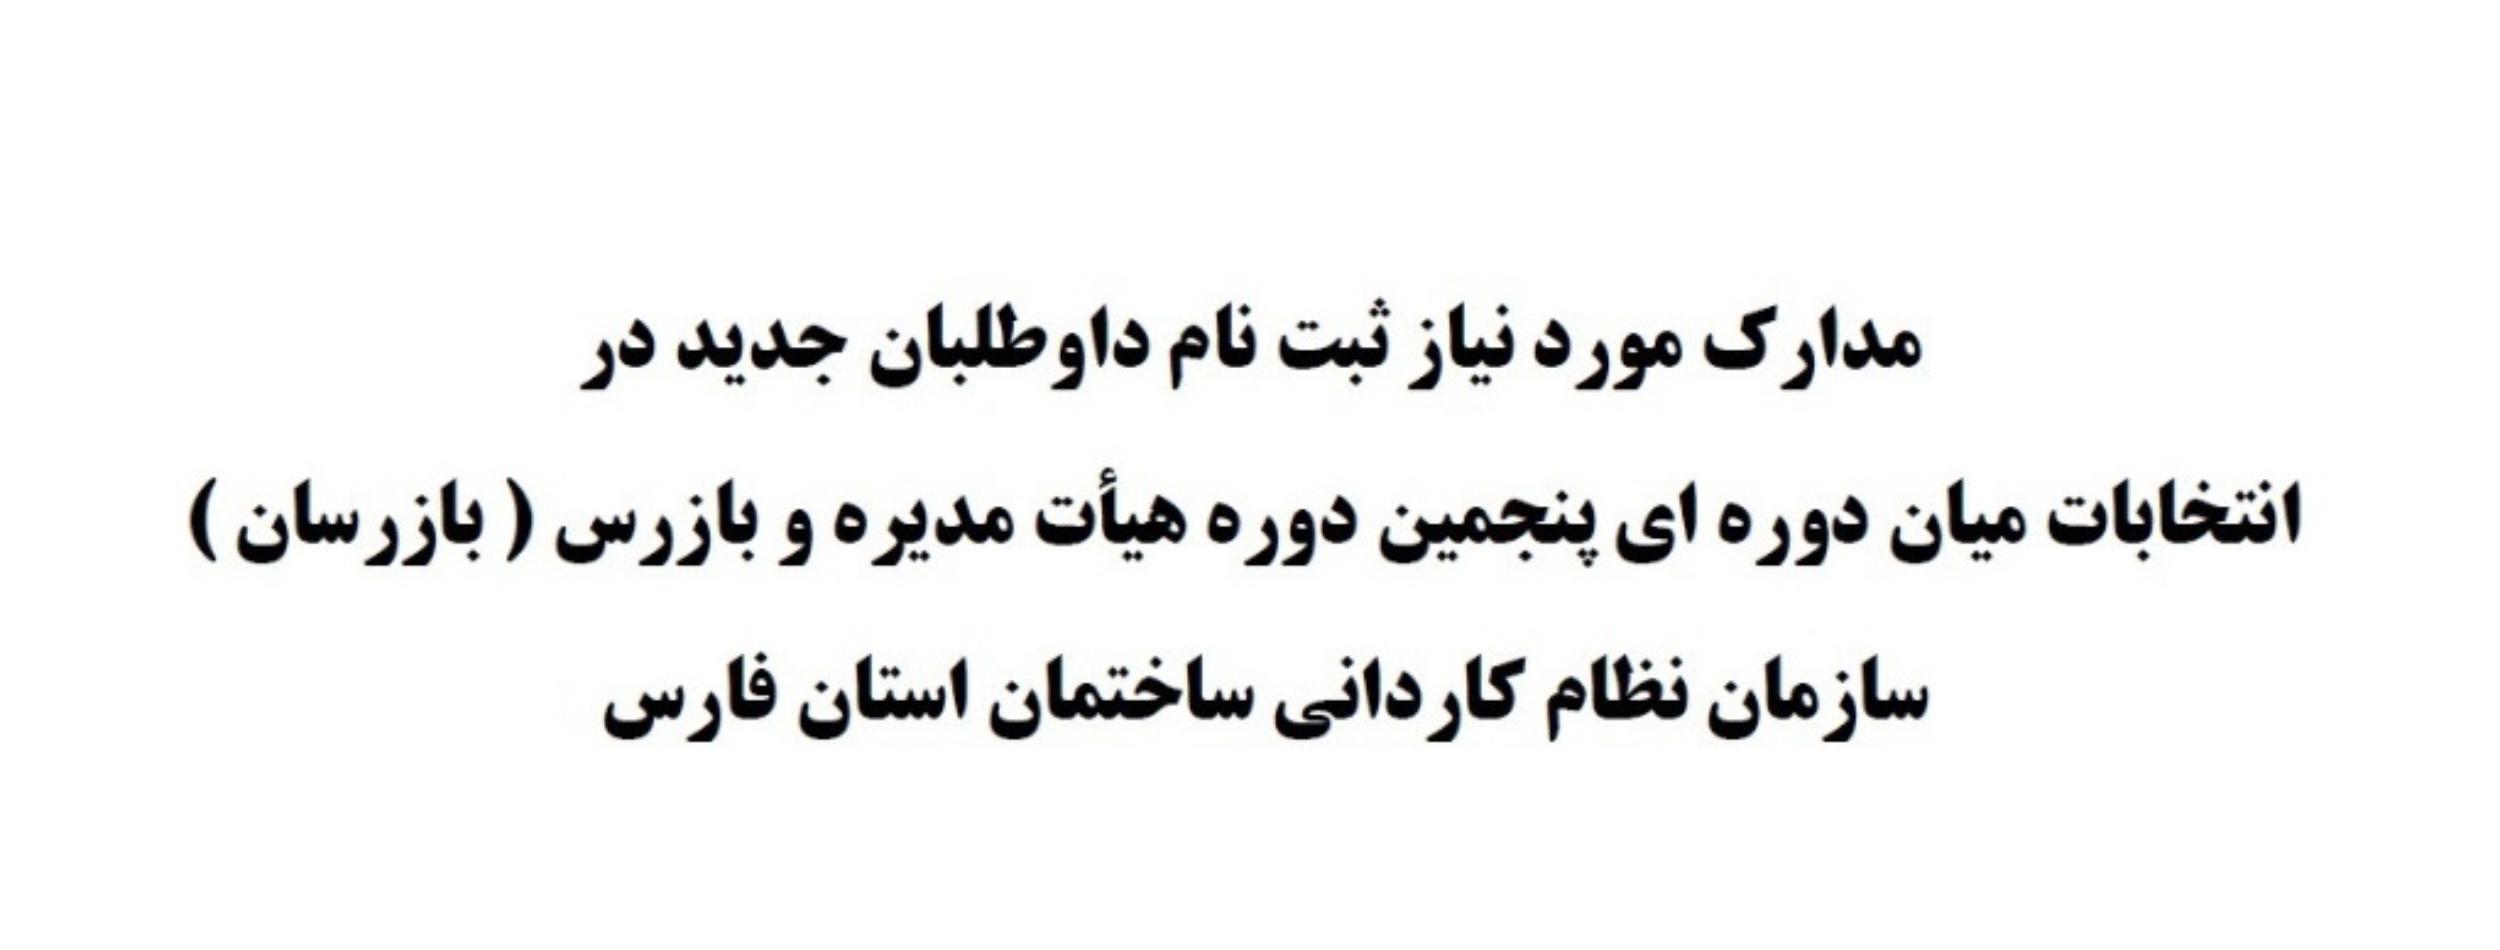 مدارک مورد نیاز ثبت نام داوطلبان جدید در انتخابات میان دوره ای پنجمین دوره هیأت مدیره و بازرس ( بازرسان ) سازمان نظام کاردانی ساختمان استان فارس